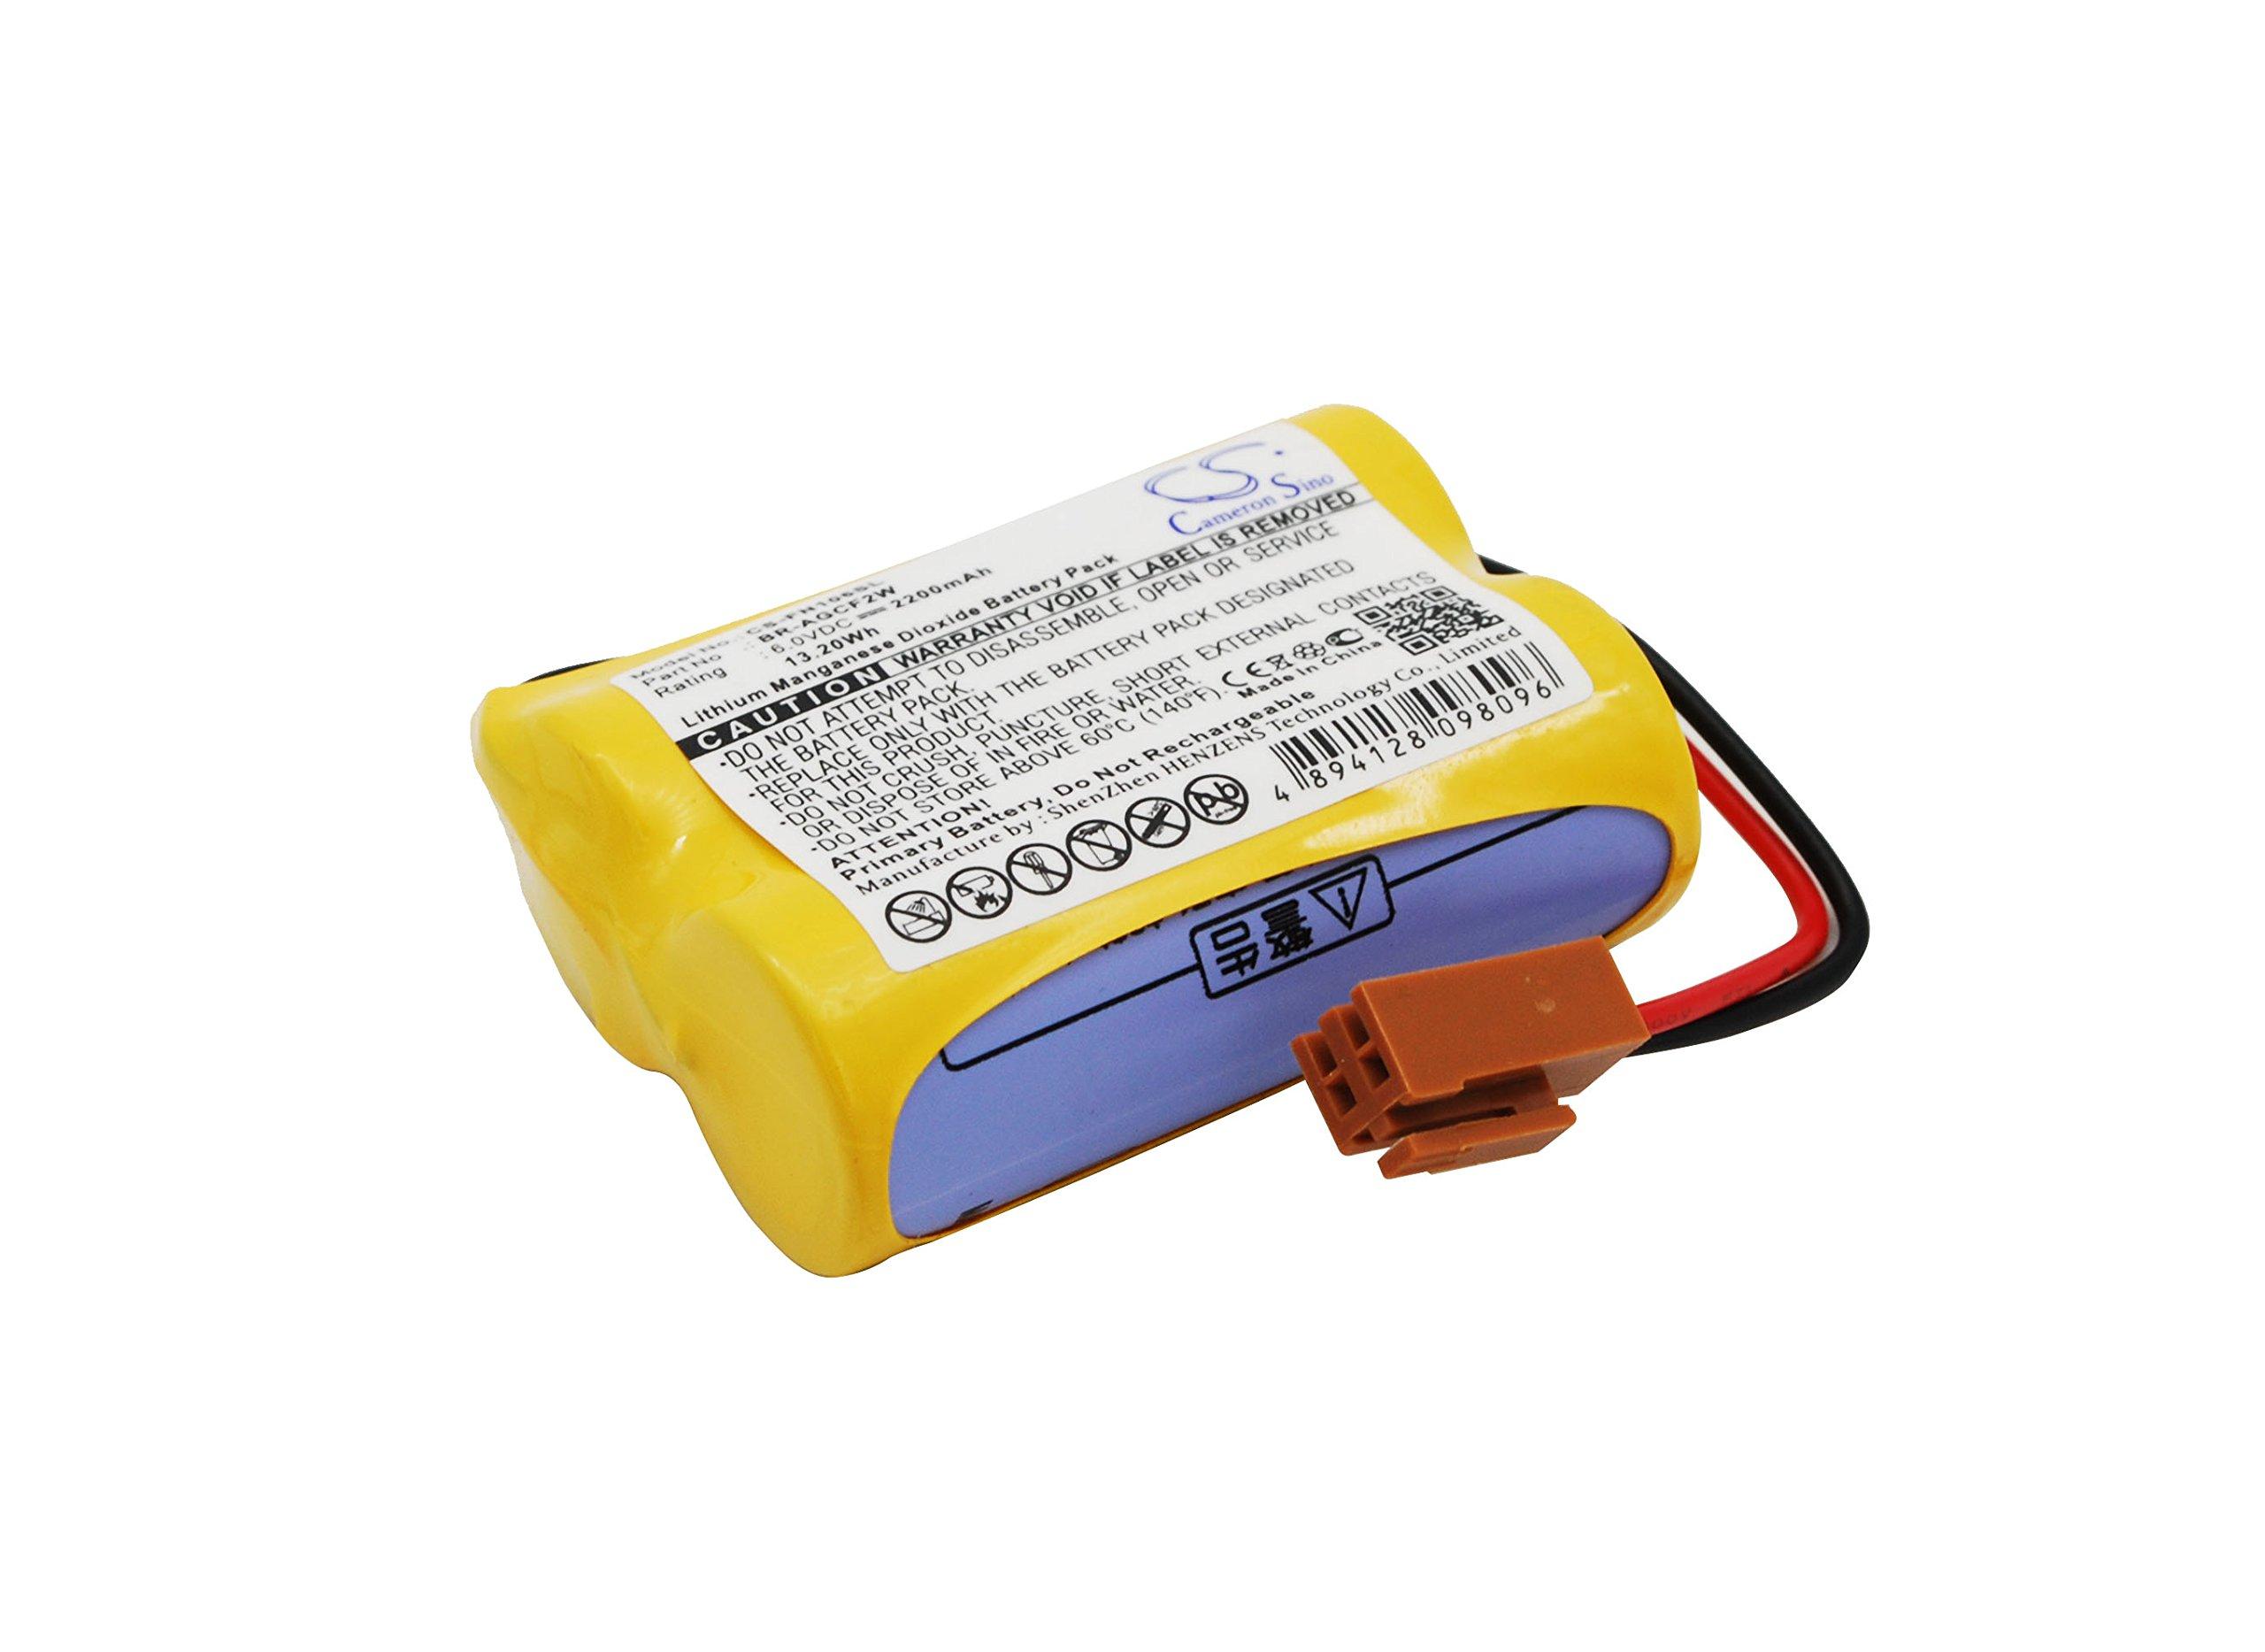 Bateria : GE A06B0177D106 A06B-0177-D106 A98L00310011 A98L-0